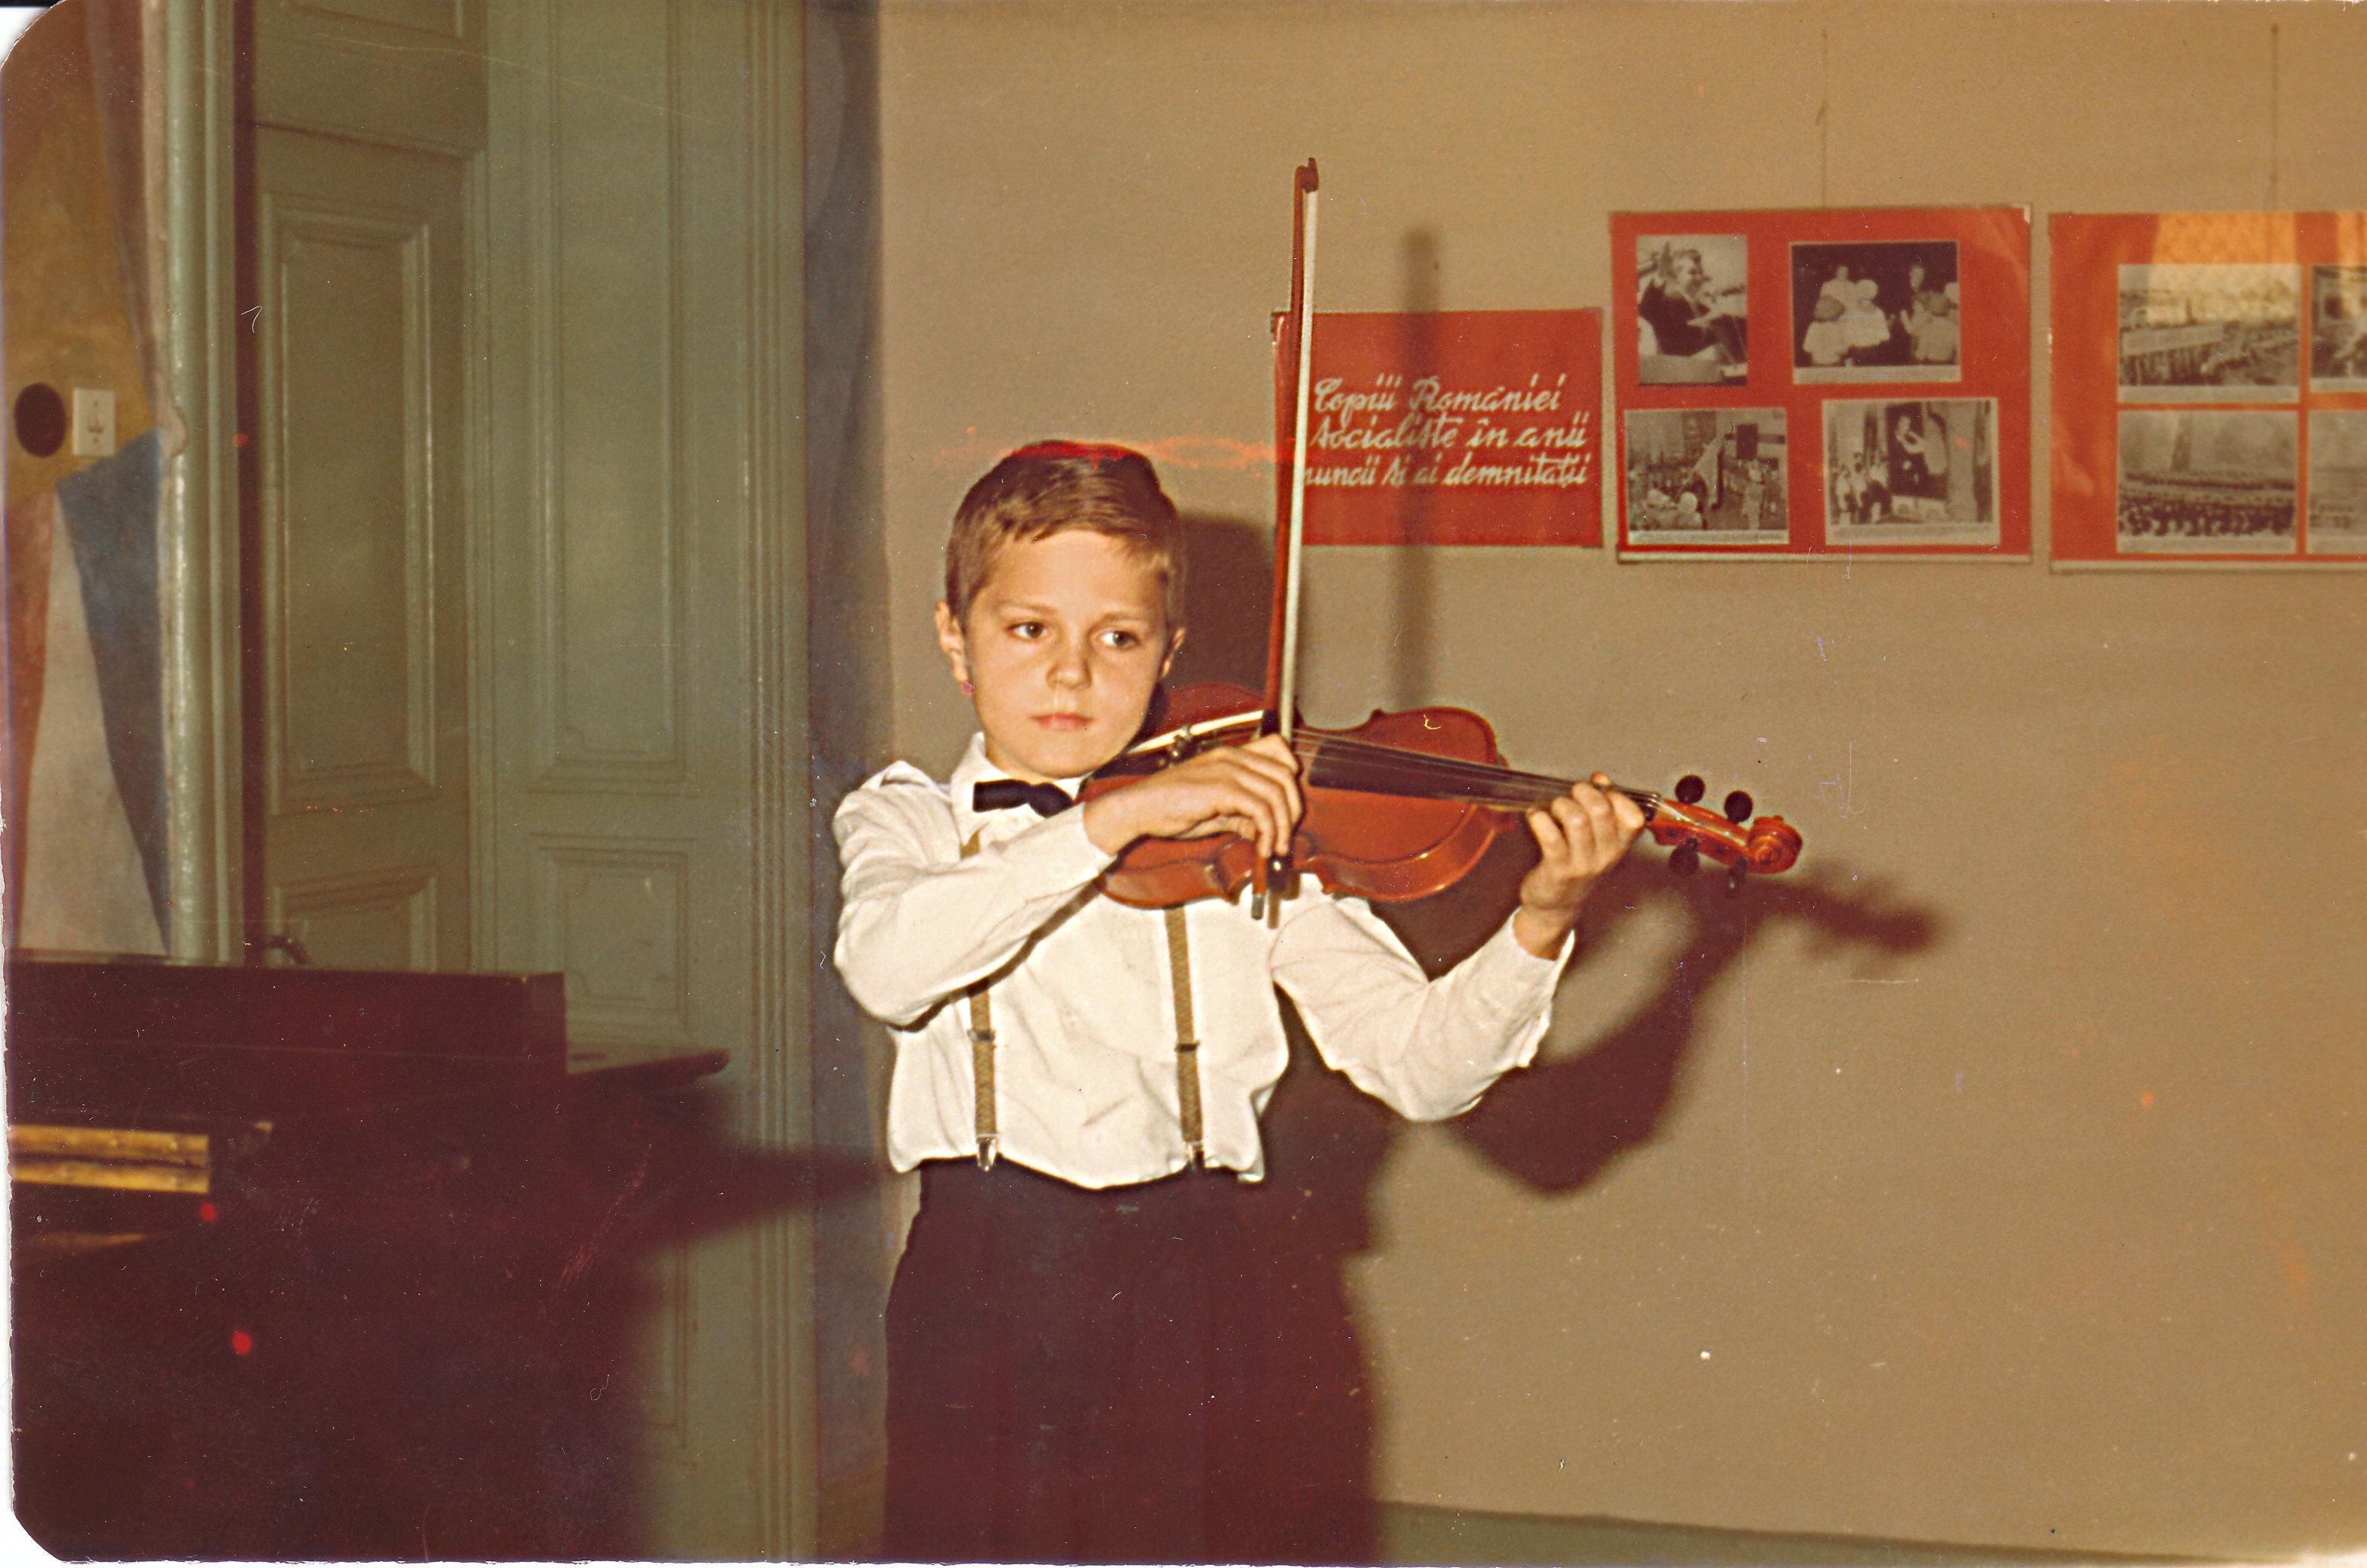 Audiţie la Şcoala de muzică nr. 2, Bucureşti, 8 mai 1986